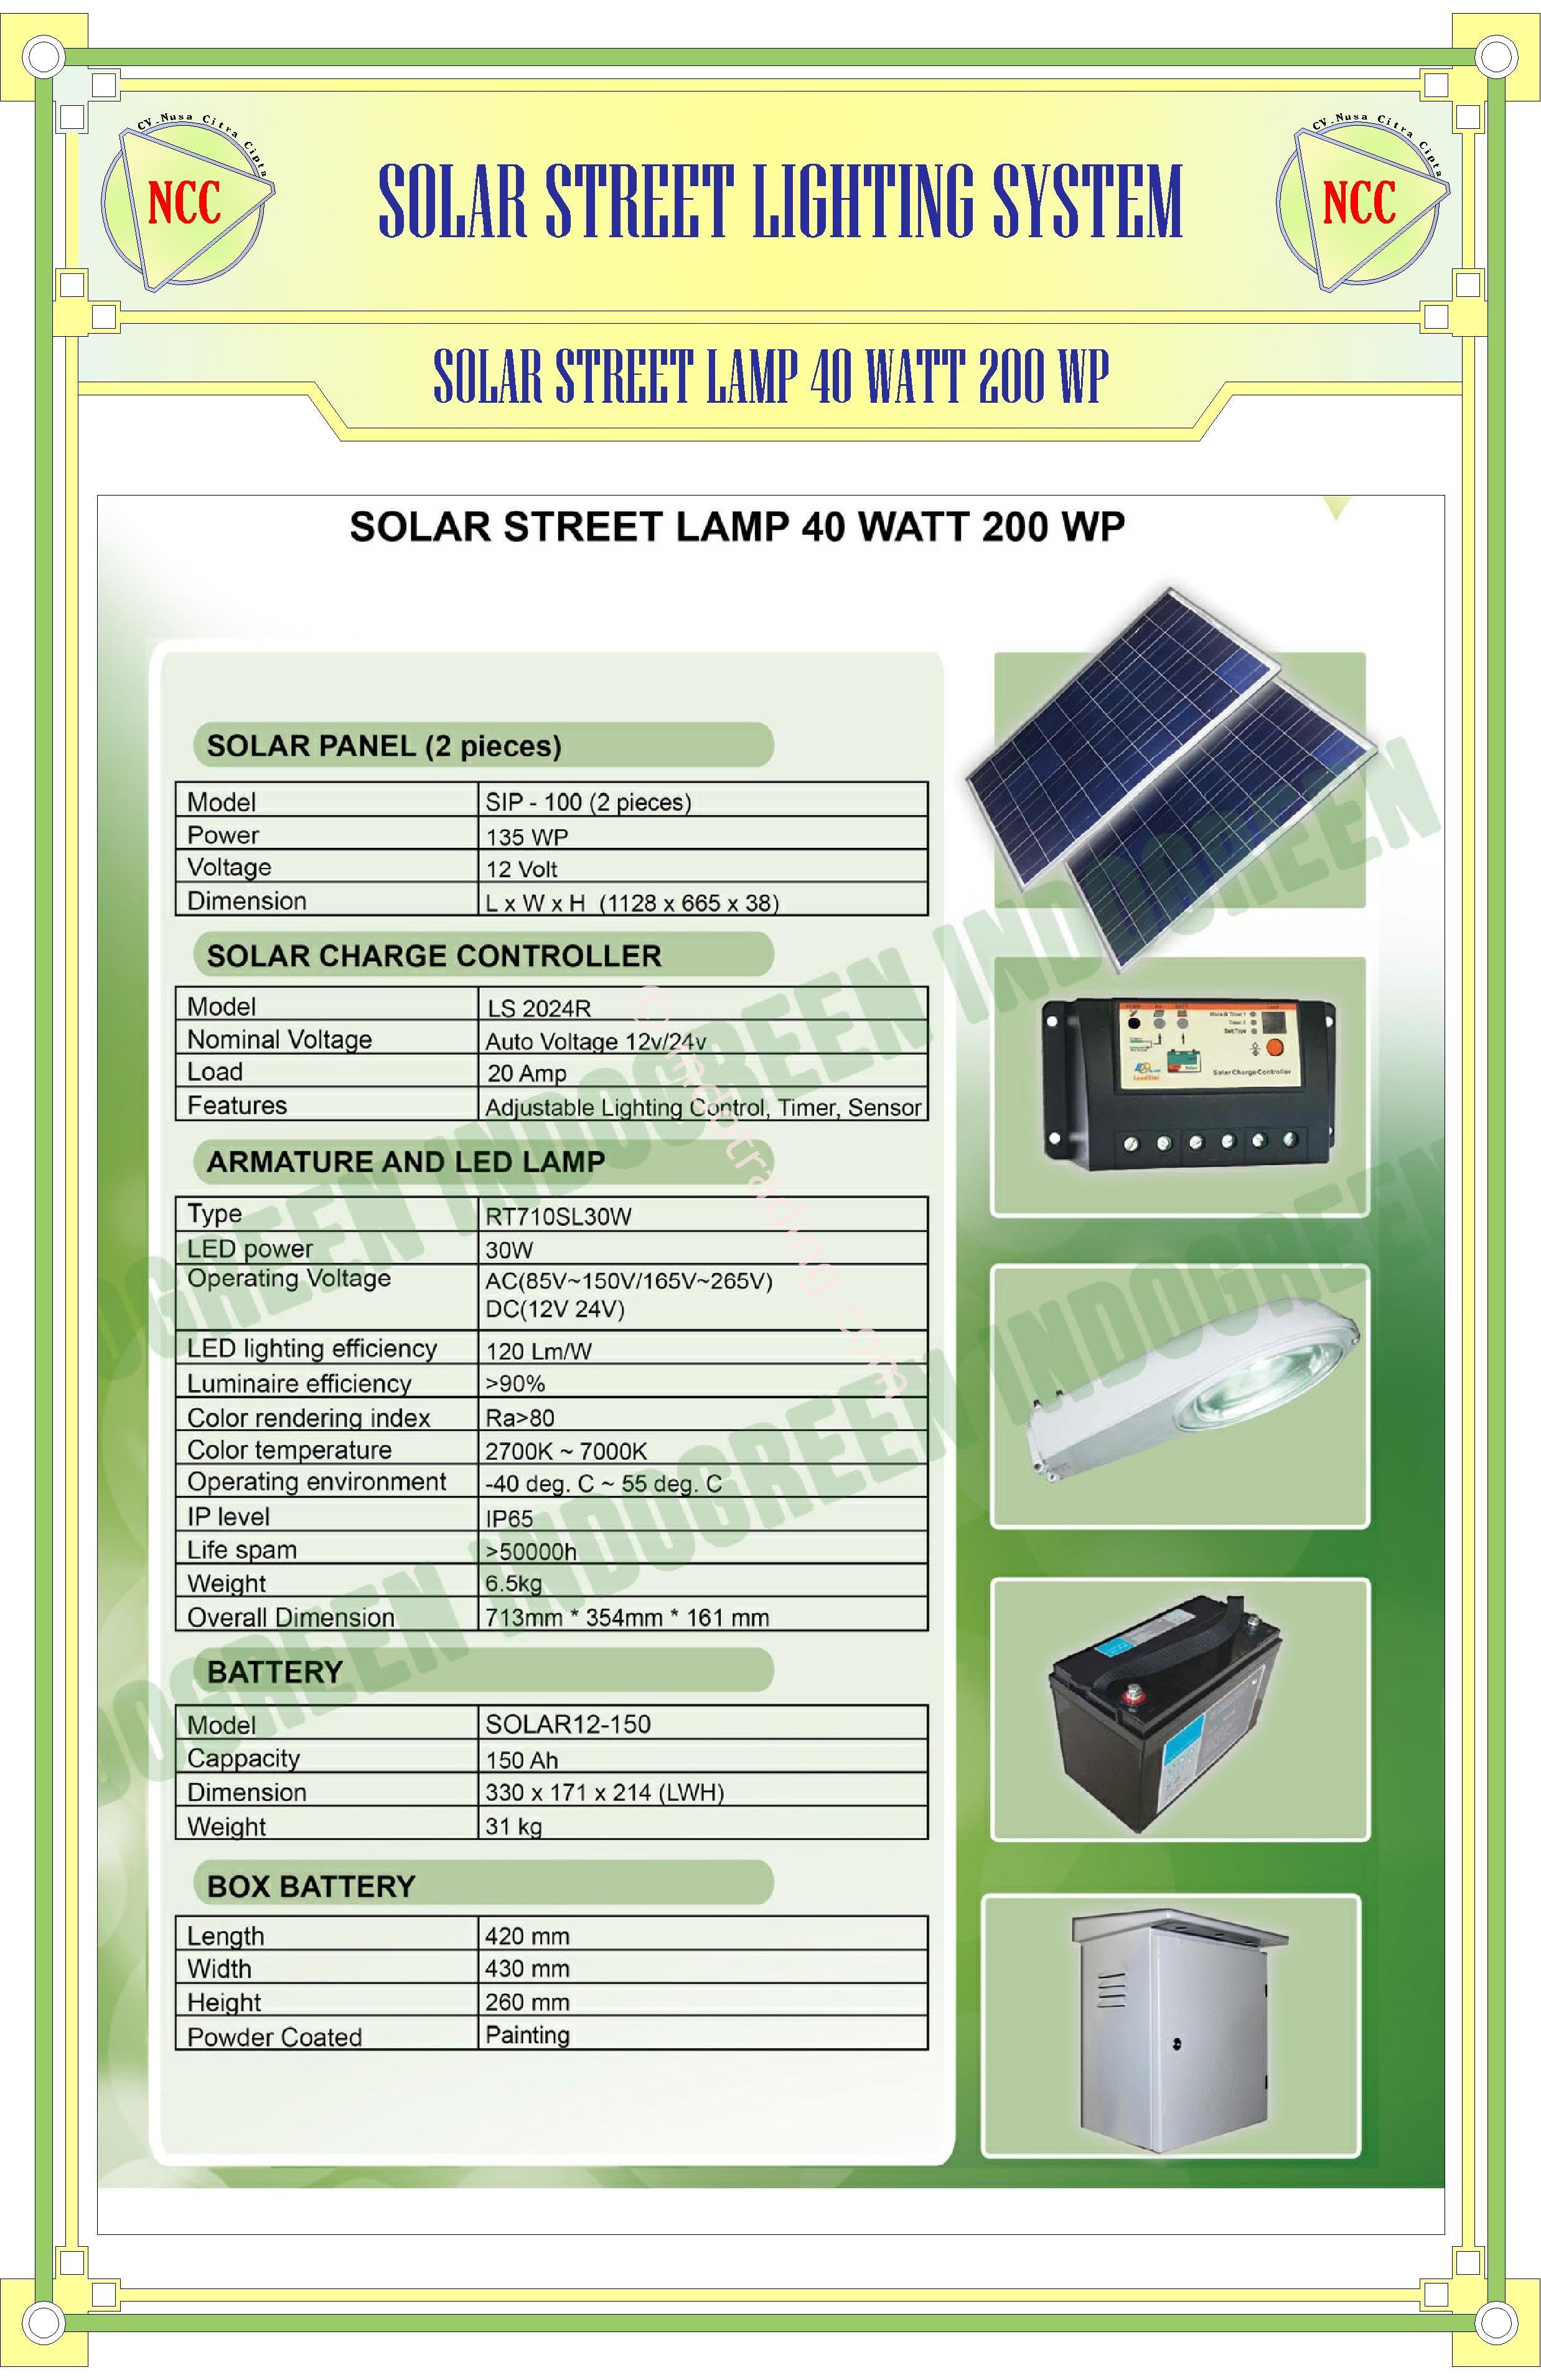 Jual Paket Pju Solar Cell 40 Watt Tenaga Surya Harga Murah